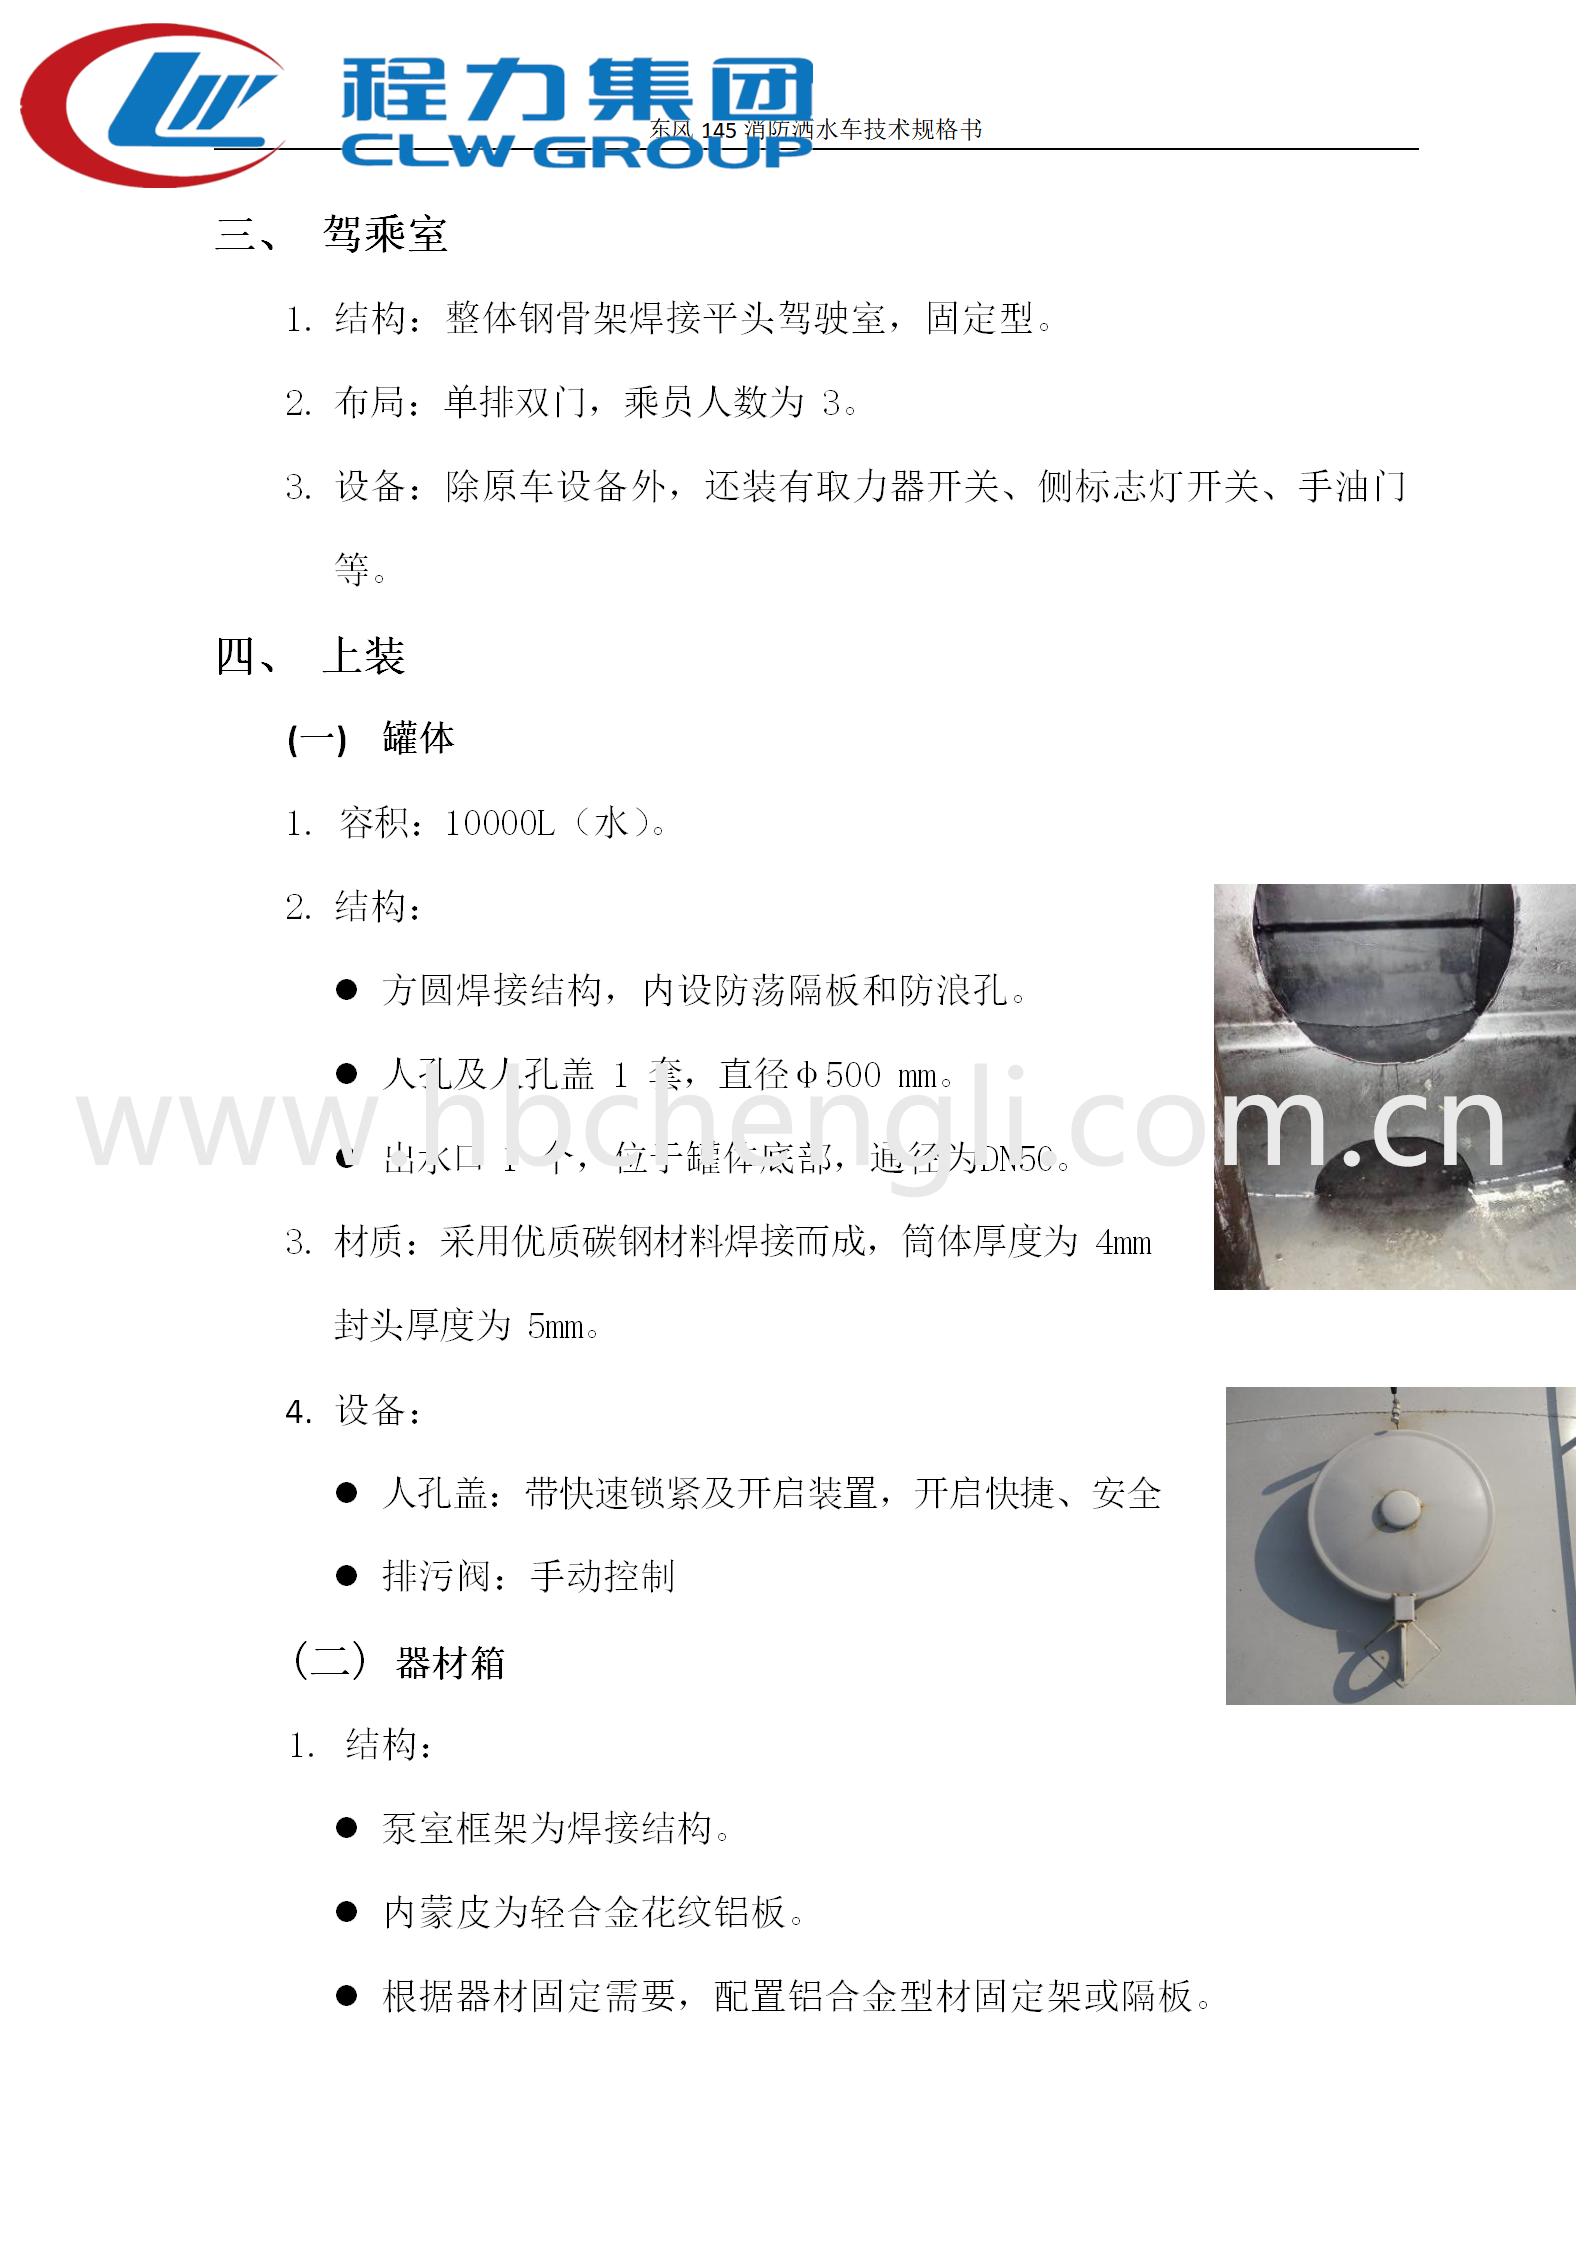 东风145简易消防车技术规格书_04_副本